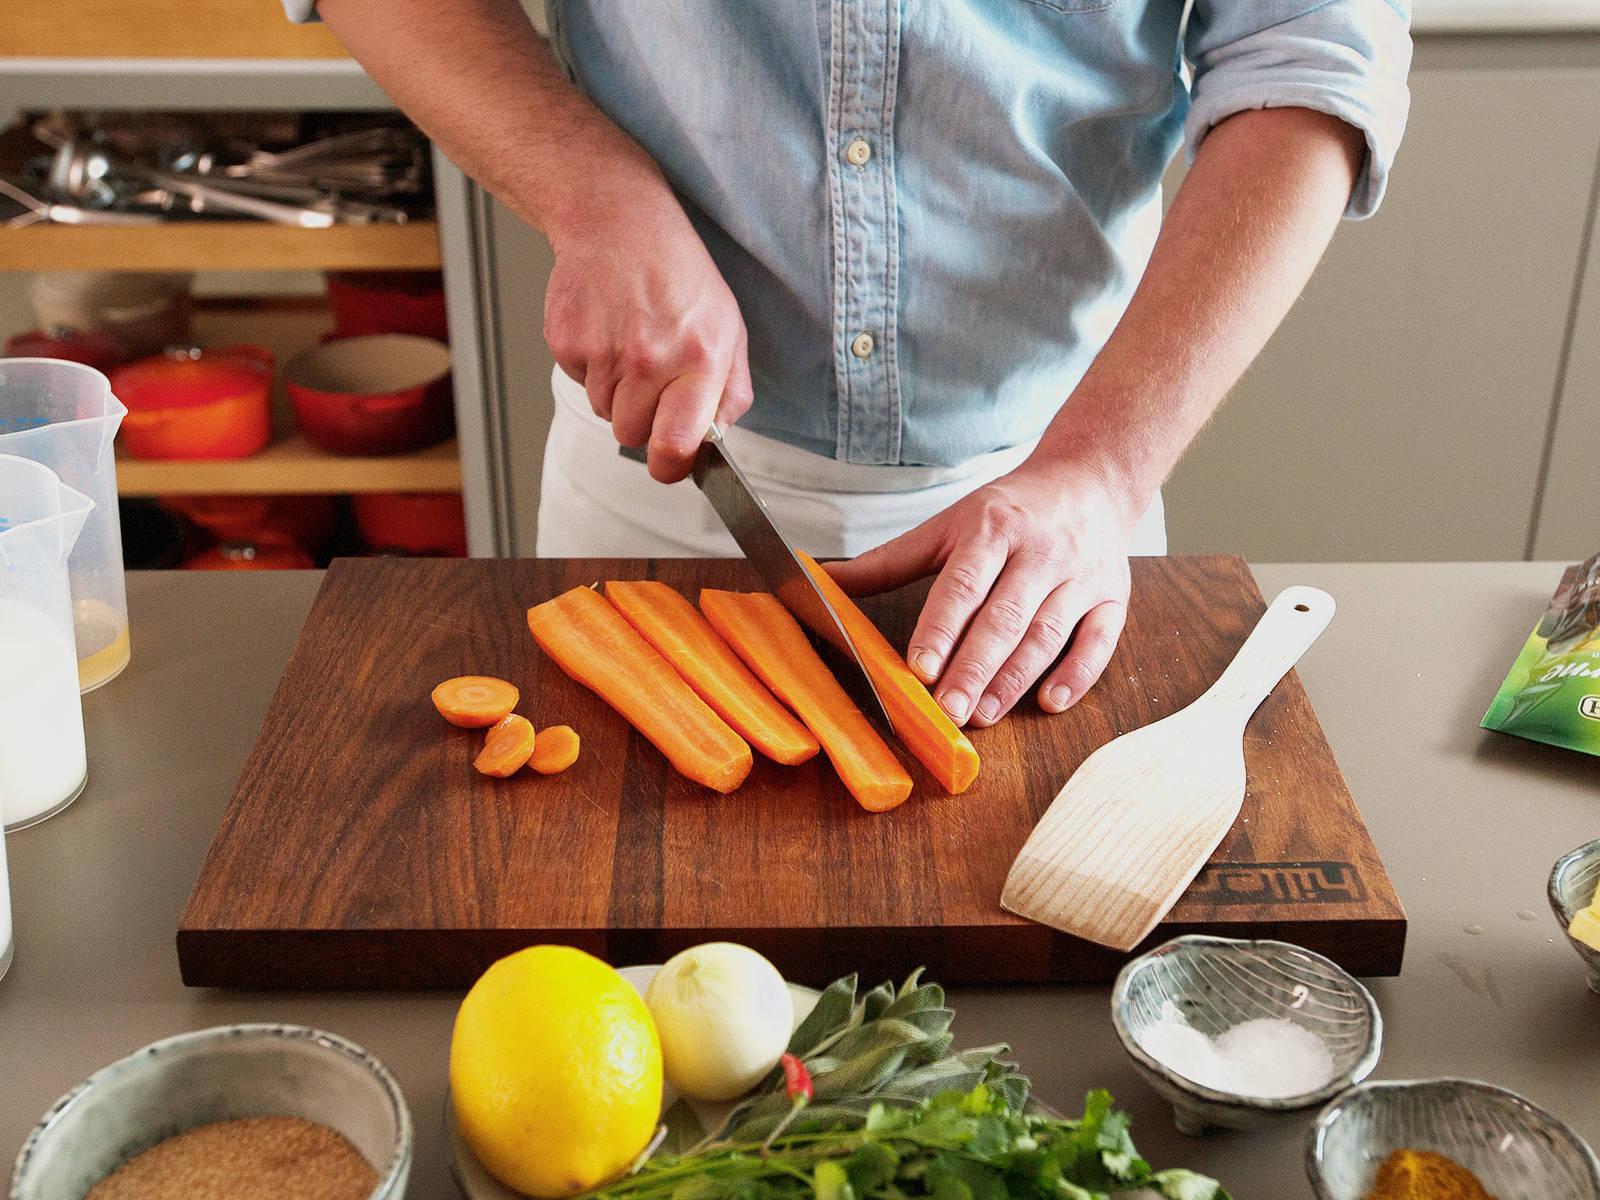 将烤箱预热至180度。洋葱去皮,大略剁碎,然后将胡萝卜削皮,竖着切半。辣椒切开,刮去籽,剁碎。剁碎半份鼠尾草。将半个南瓜和胡萝卜放到烤盘或者可用于烤箱的煎锅中。